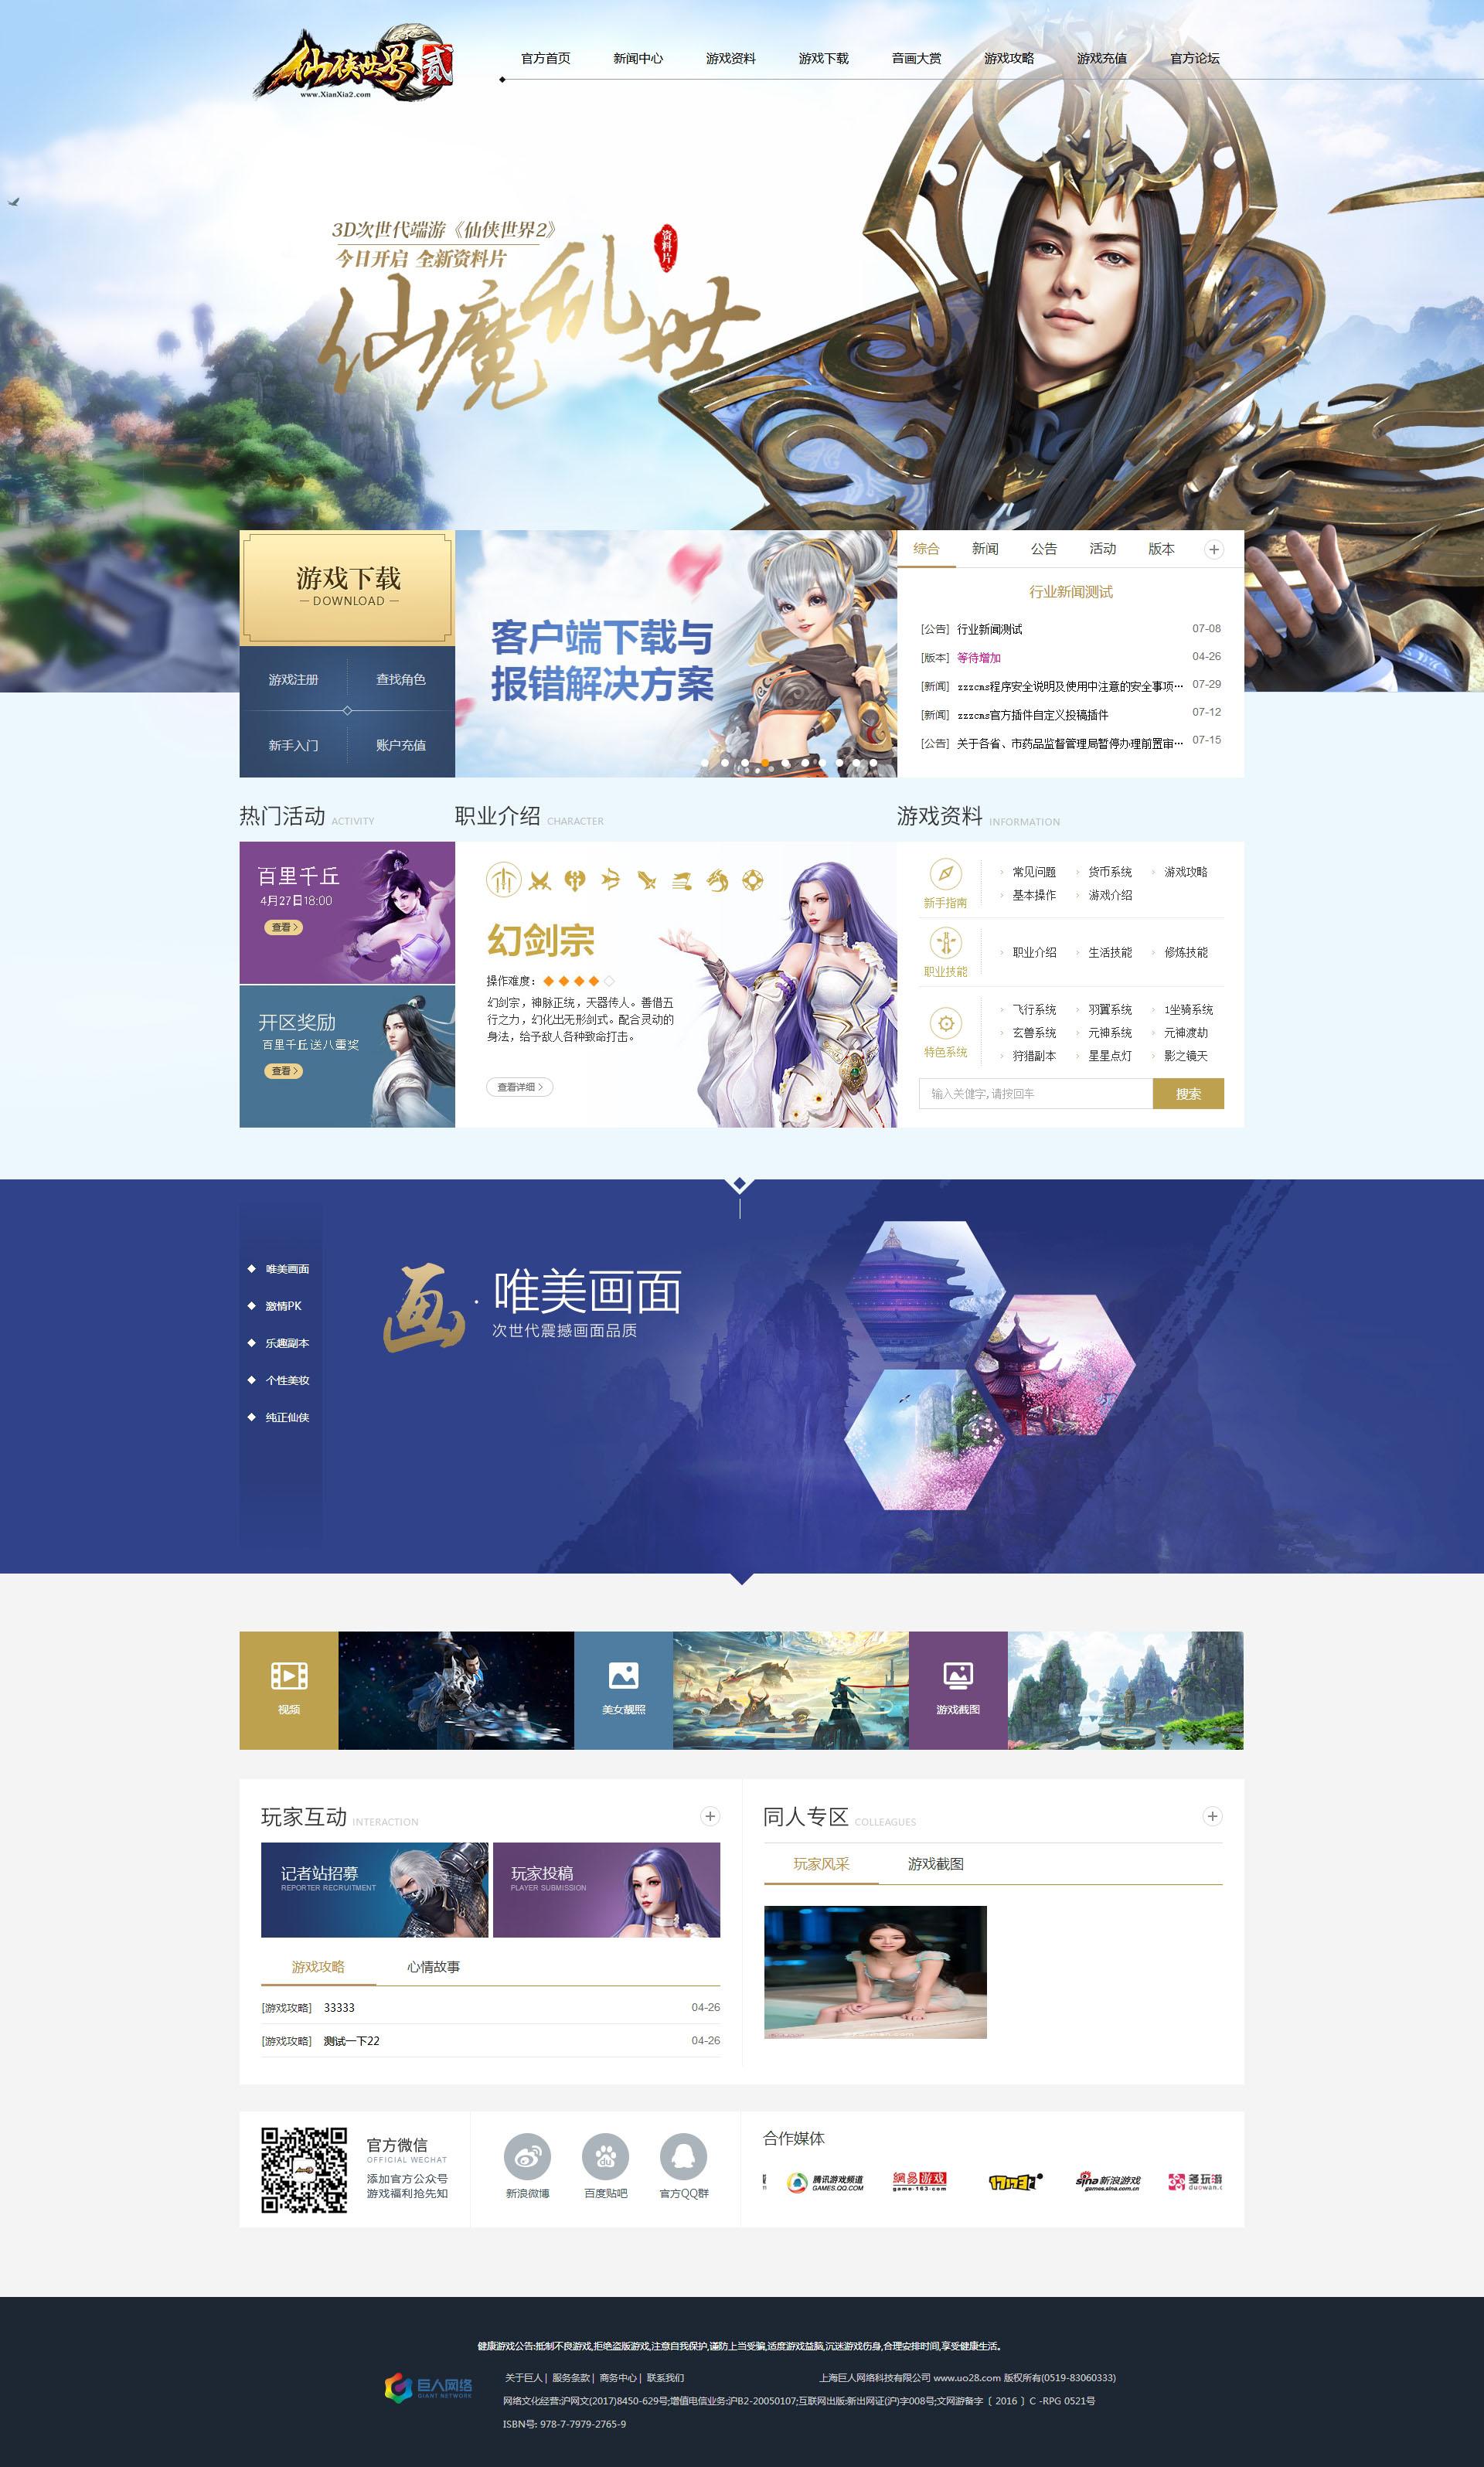 《仙侠世界2》官网模板传奇网站《仙侠世界2》官网模板传奇网站